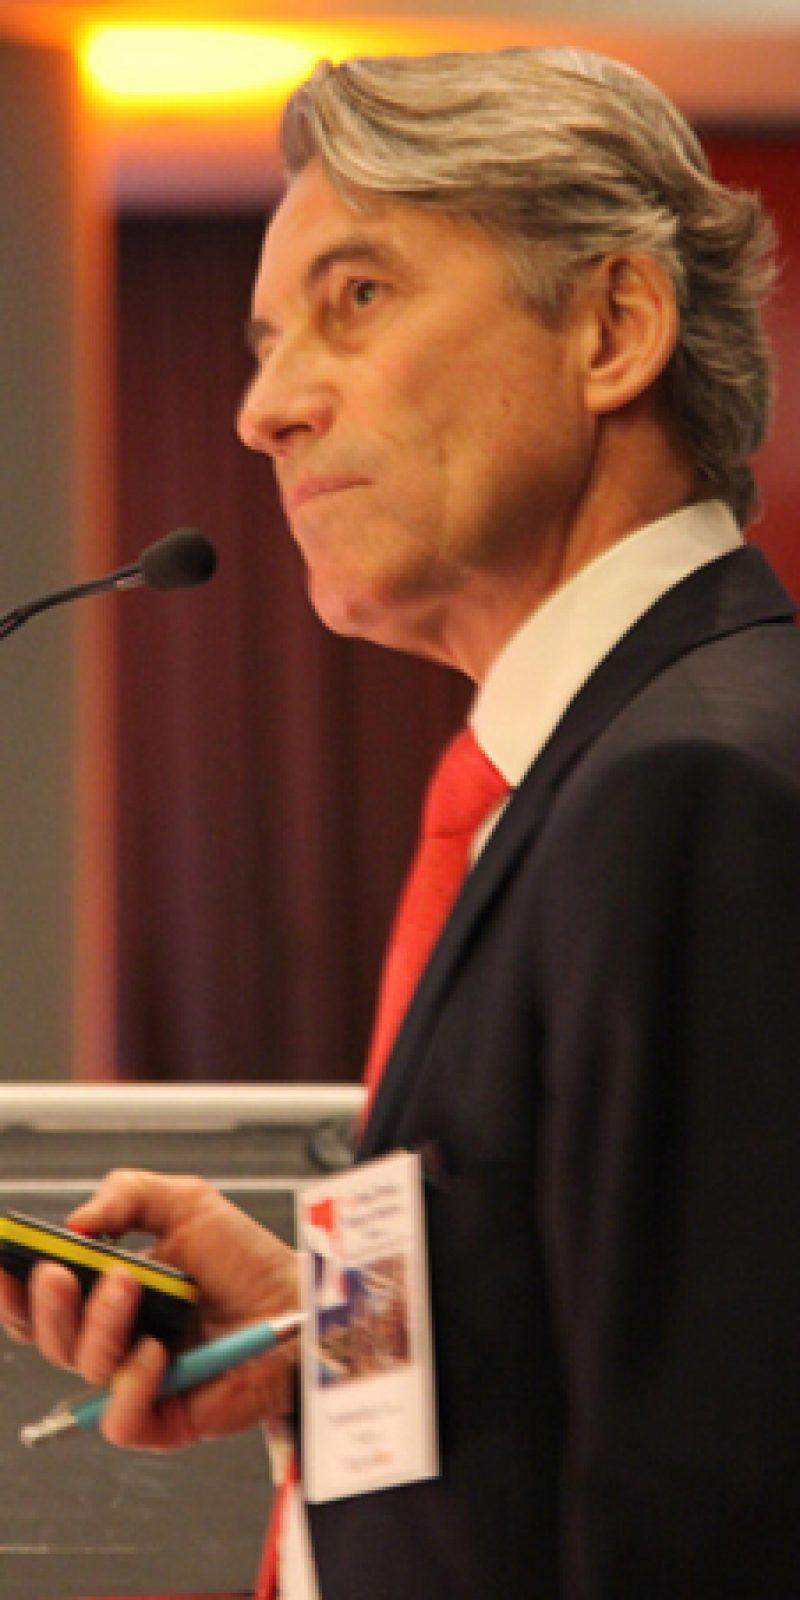 Docteur Dombard au Congres de Chirurgie esthétique